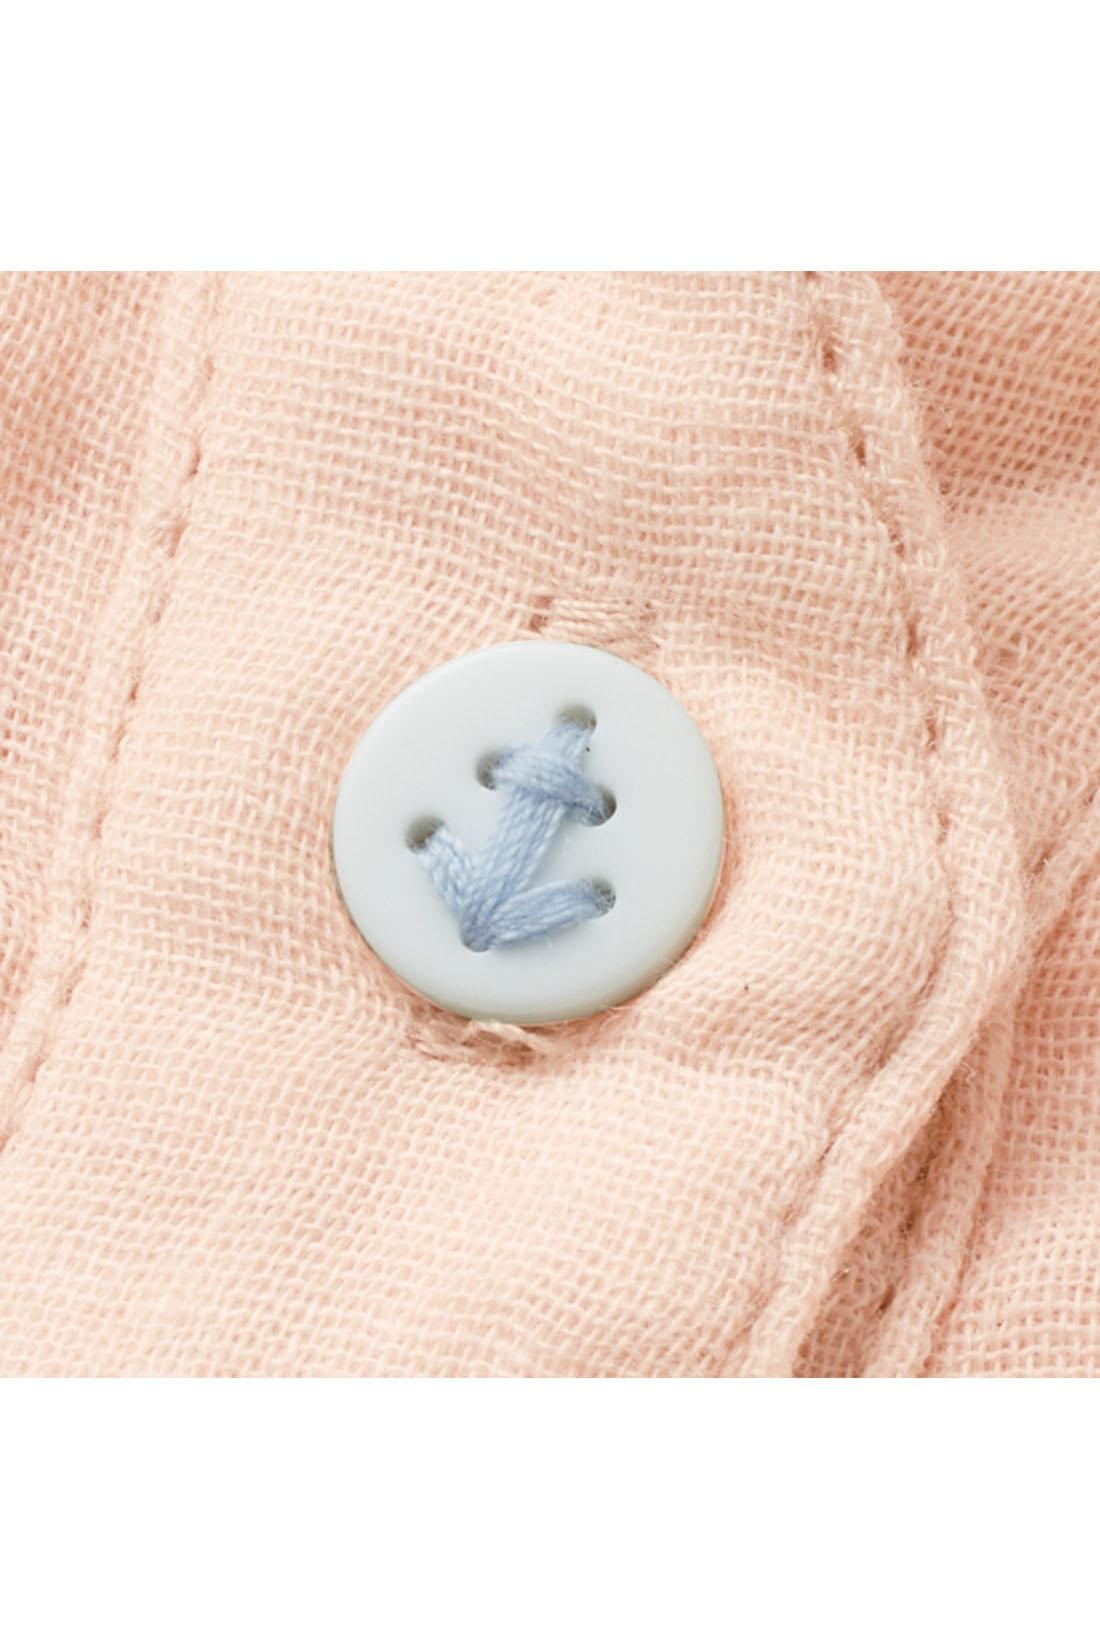 一番上のボタンはイカリマーク入りで、さりげなくかわいいポイントに♪ ※お届けするカラーとは異なります。